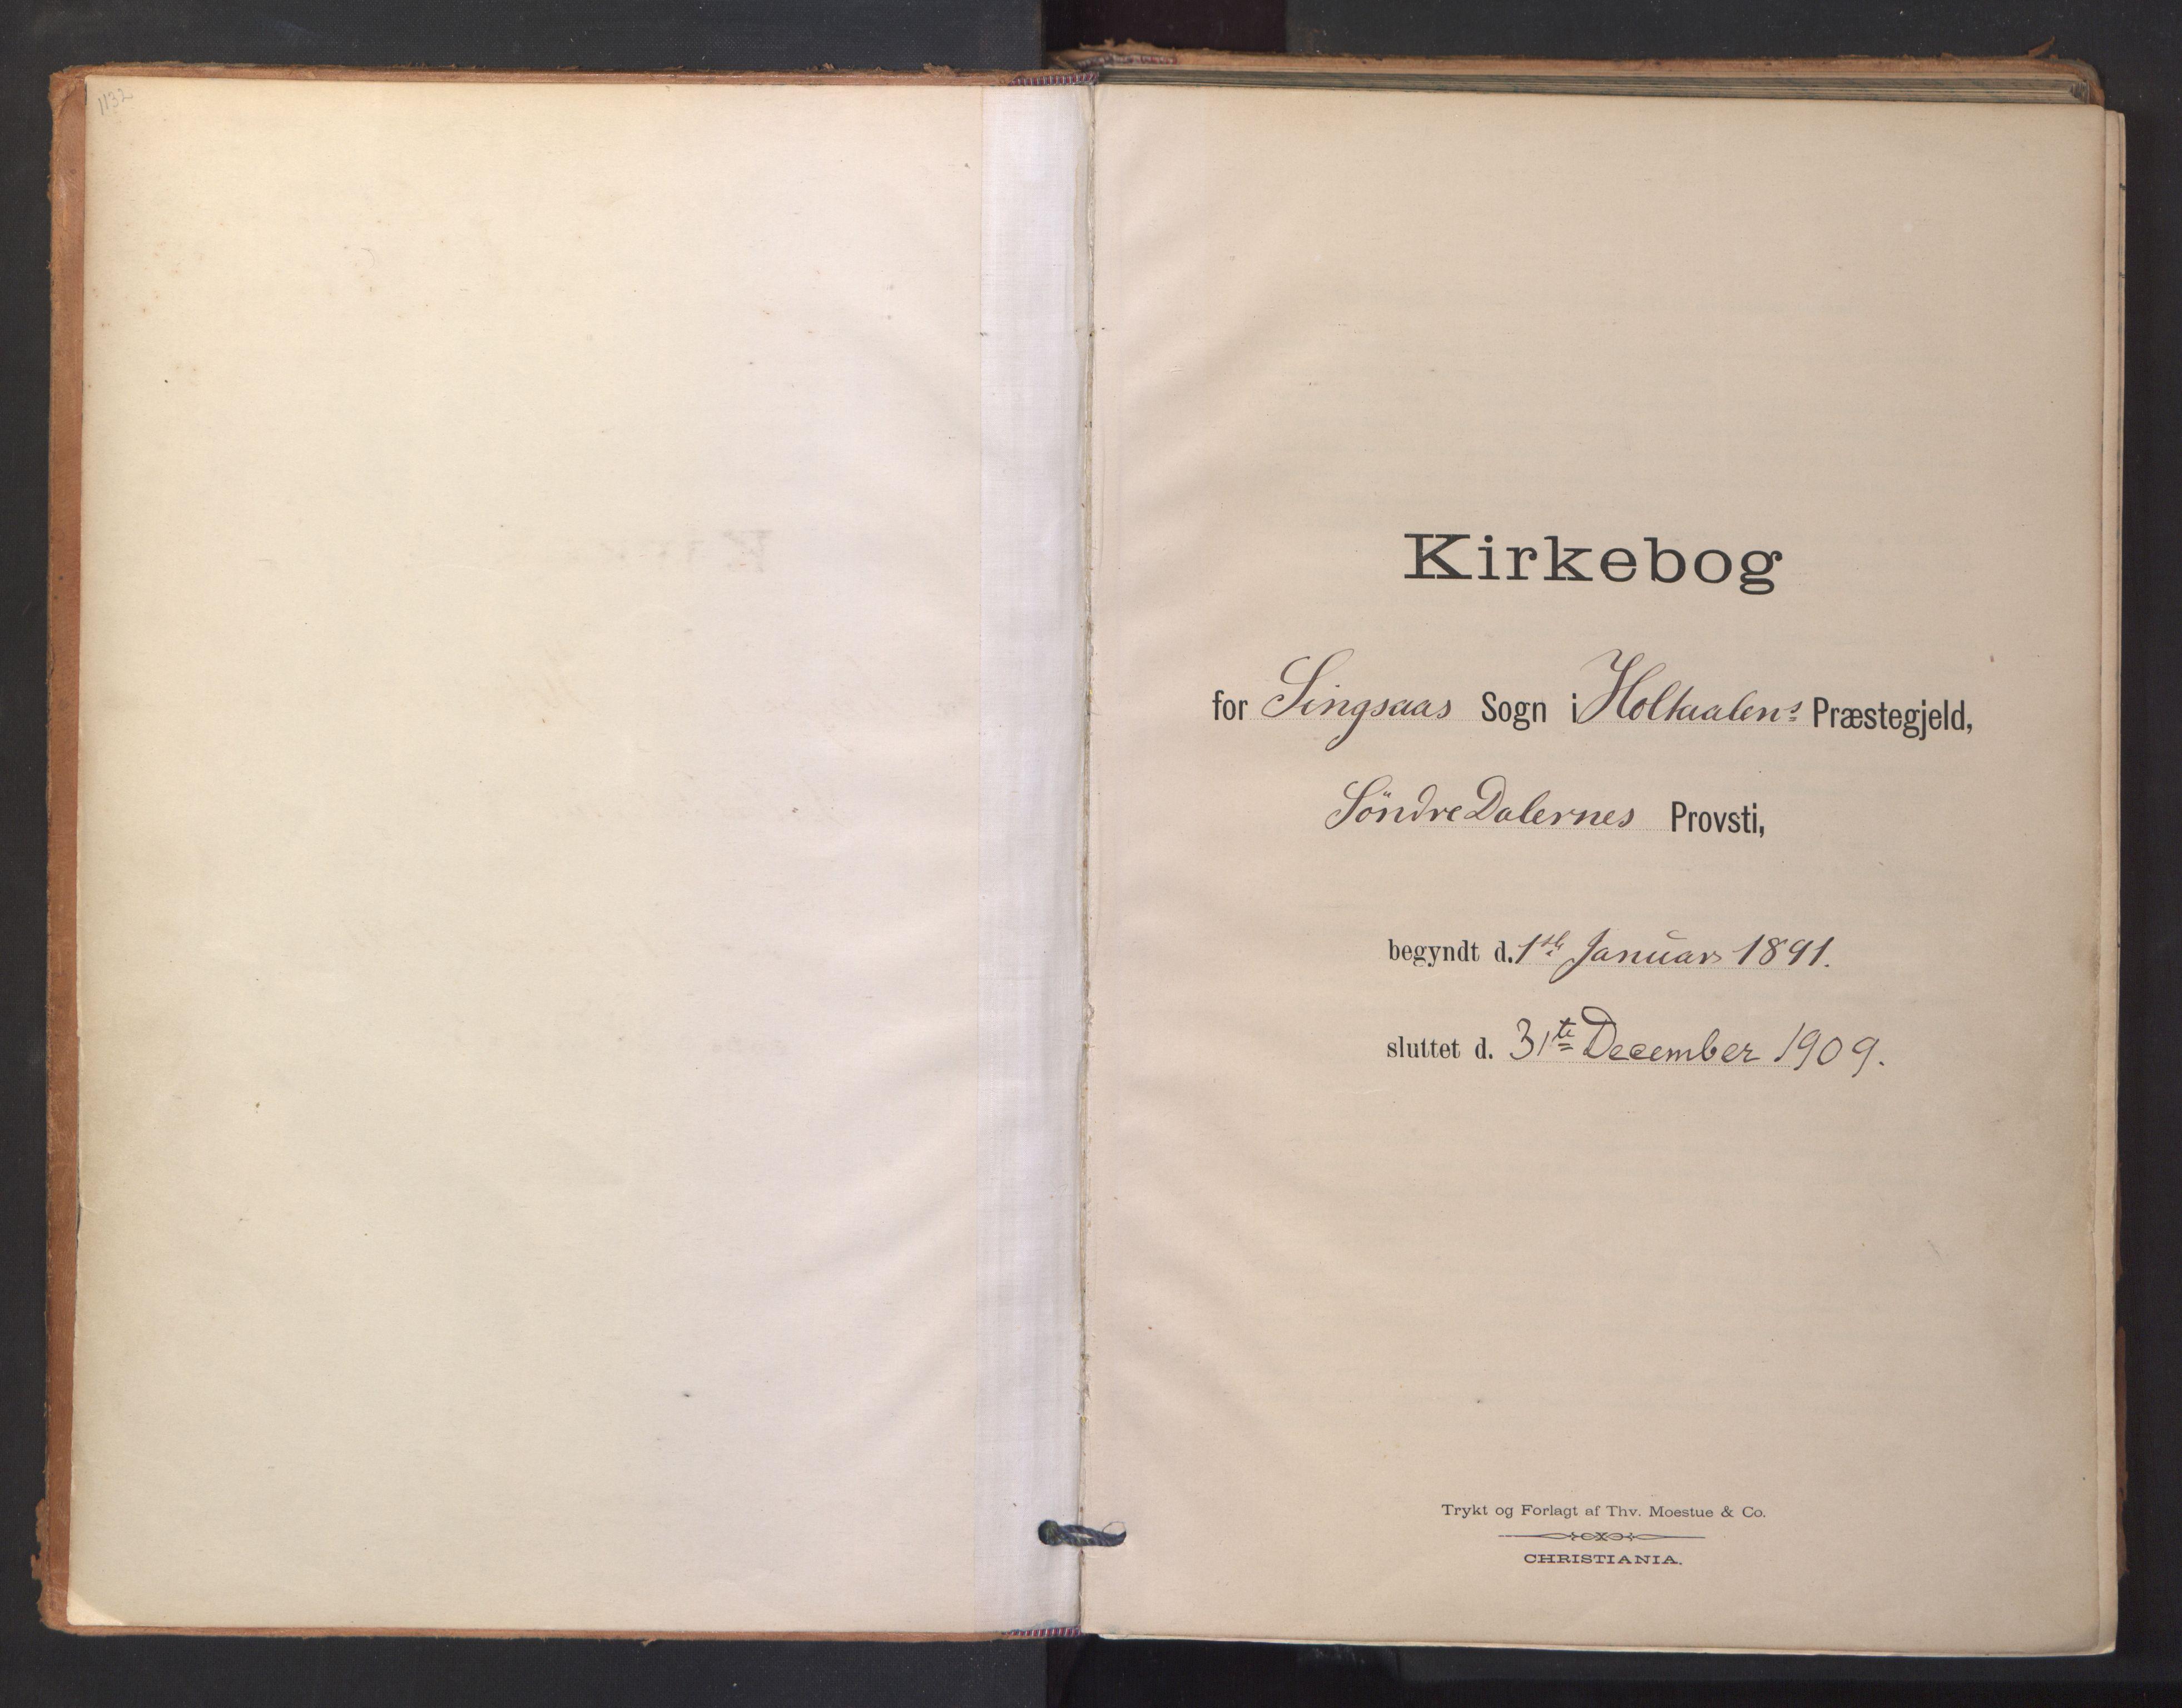 SAT, Ministerialprotokoller, klokkerbøker og fødselsregistre - Sør-Trøndelag, 688/L1025: Ministerialbok nr. 688A02, 1891-1909